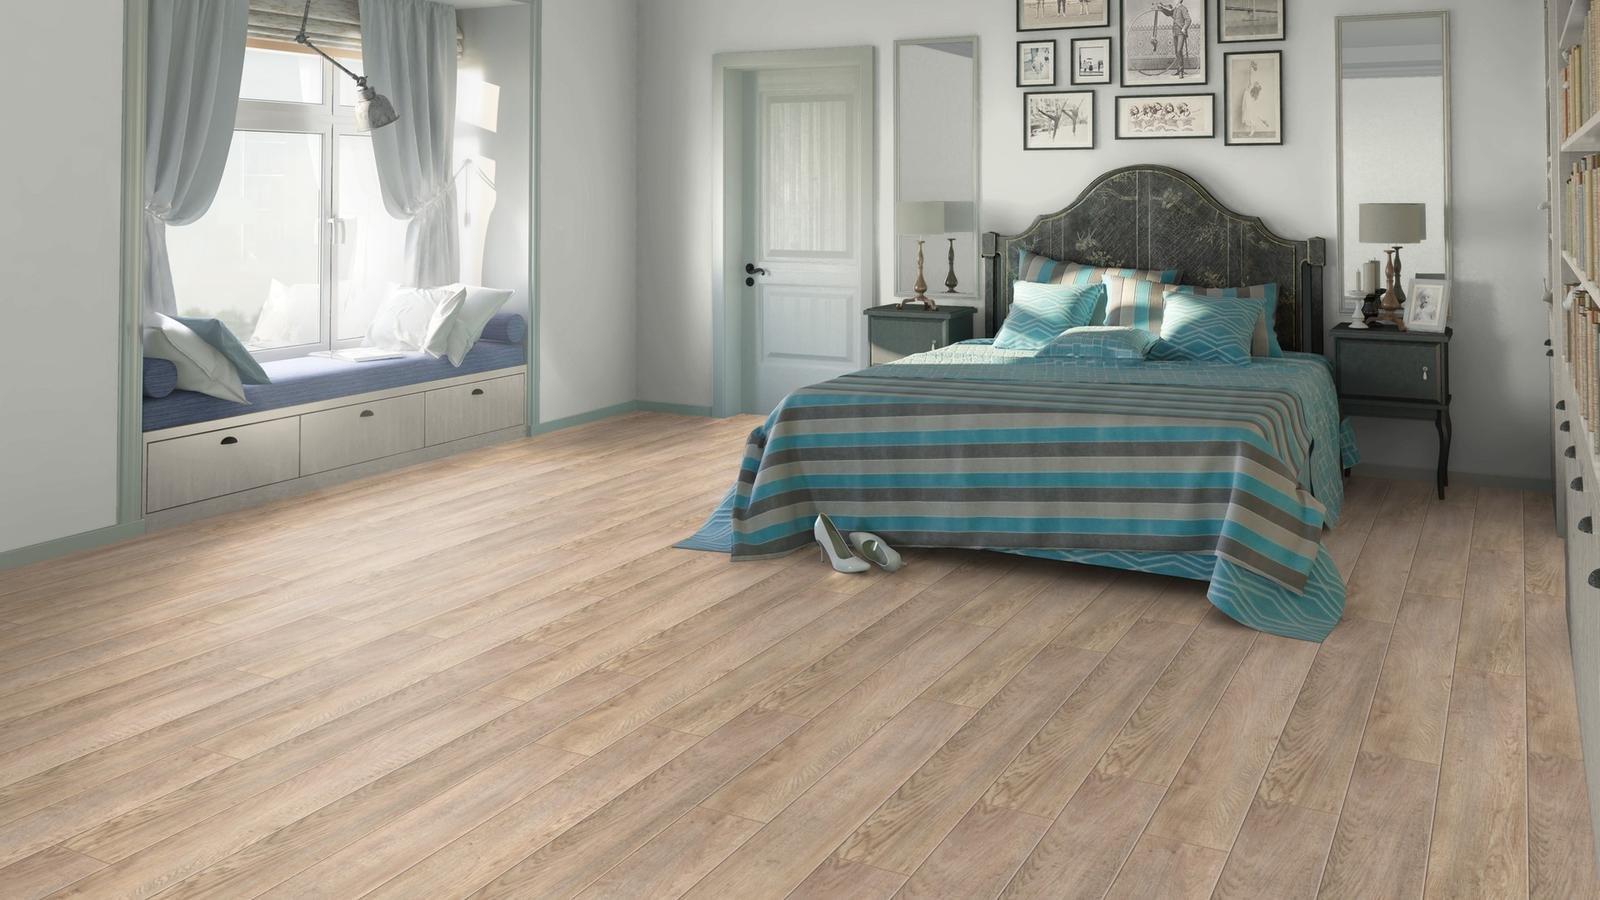 Как выбрать ламинат для квартиры по цене и качеству